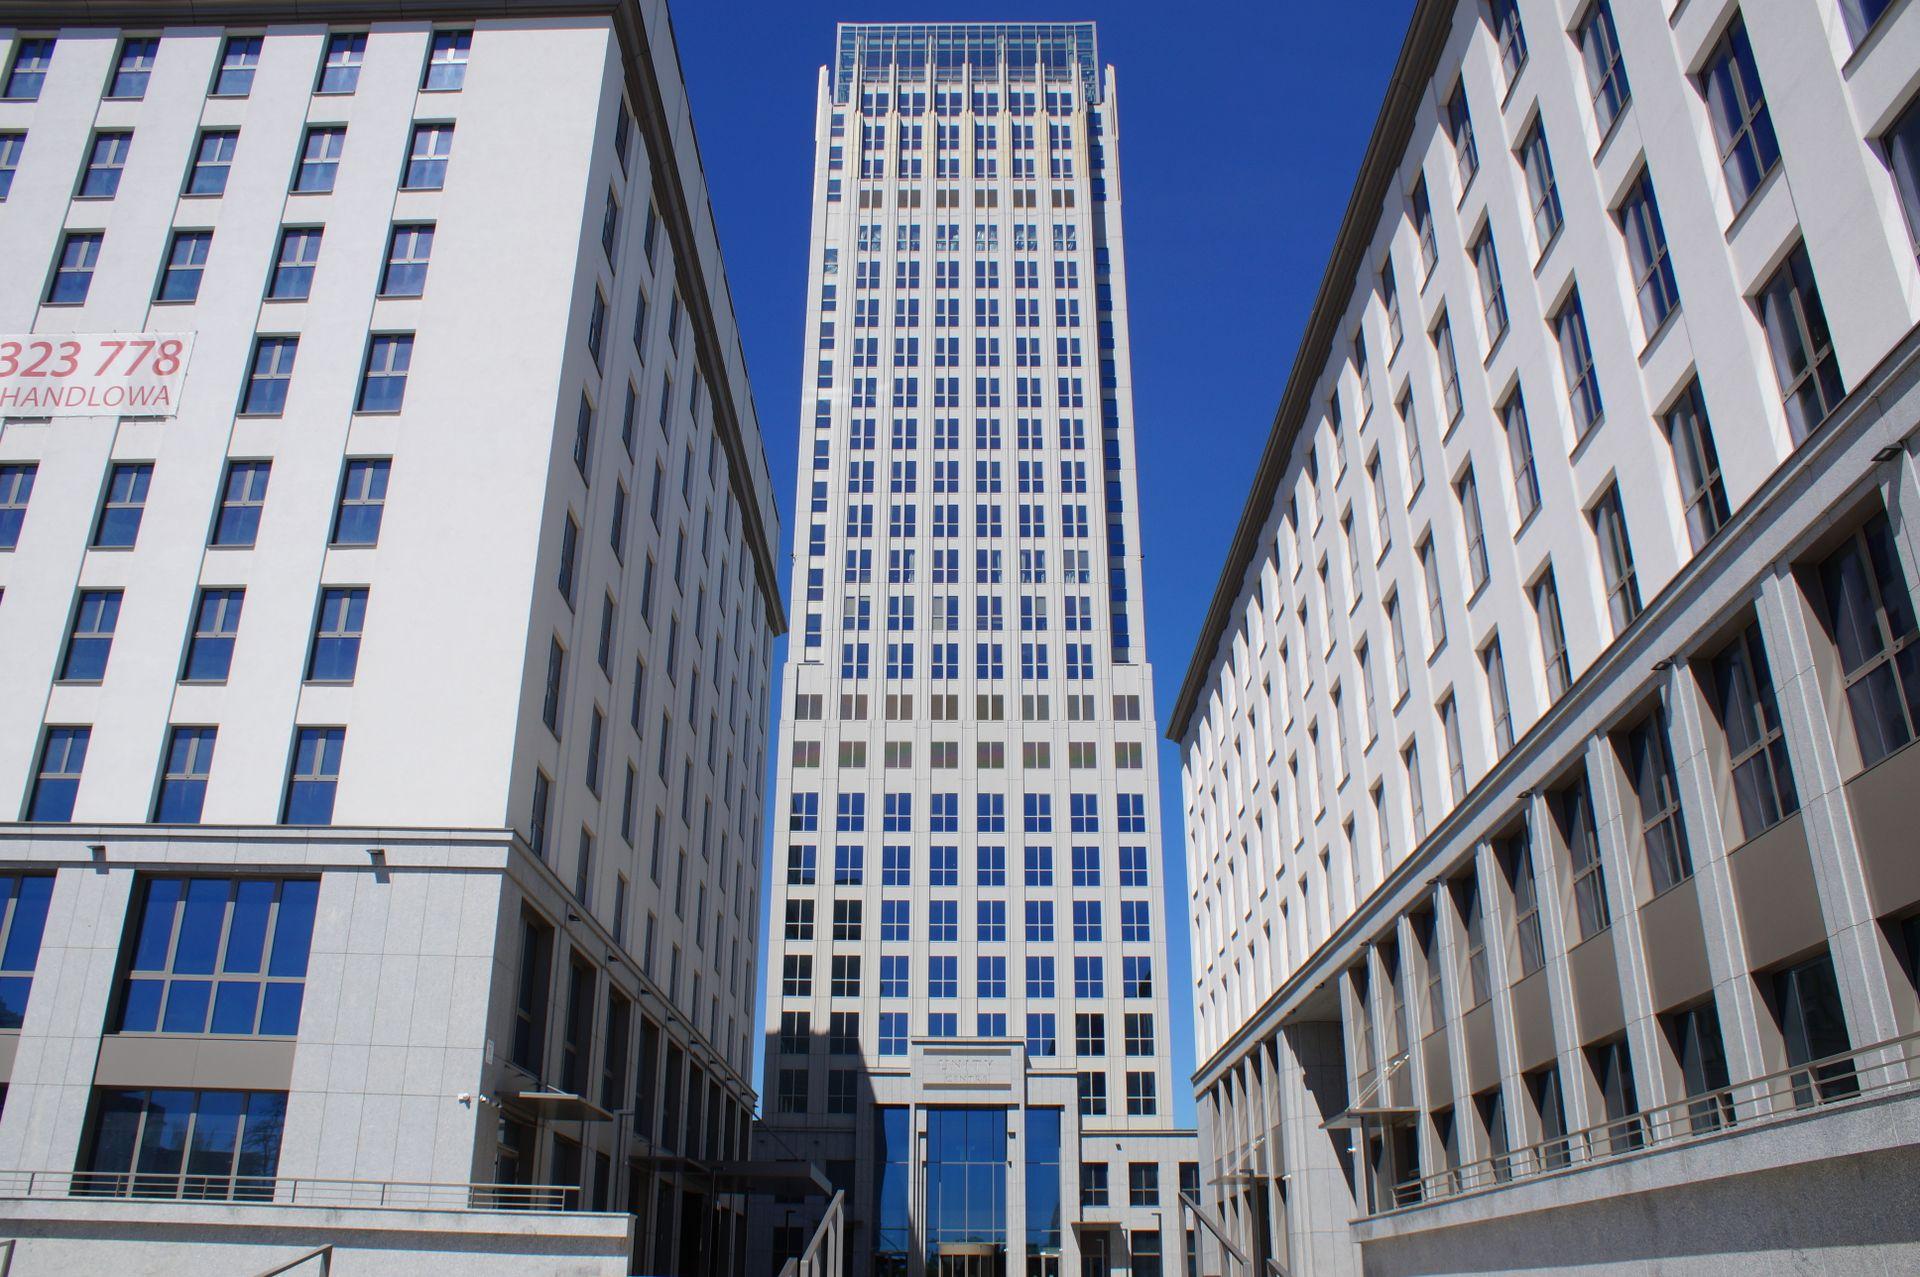 Pustostany biurowe w Krakowie najwyższe od 10 lat